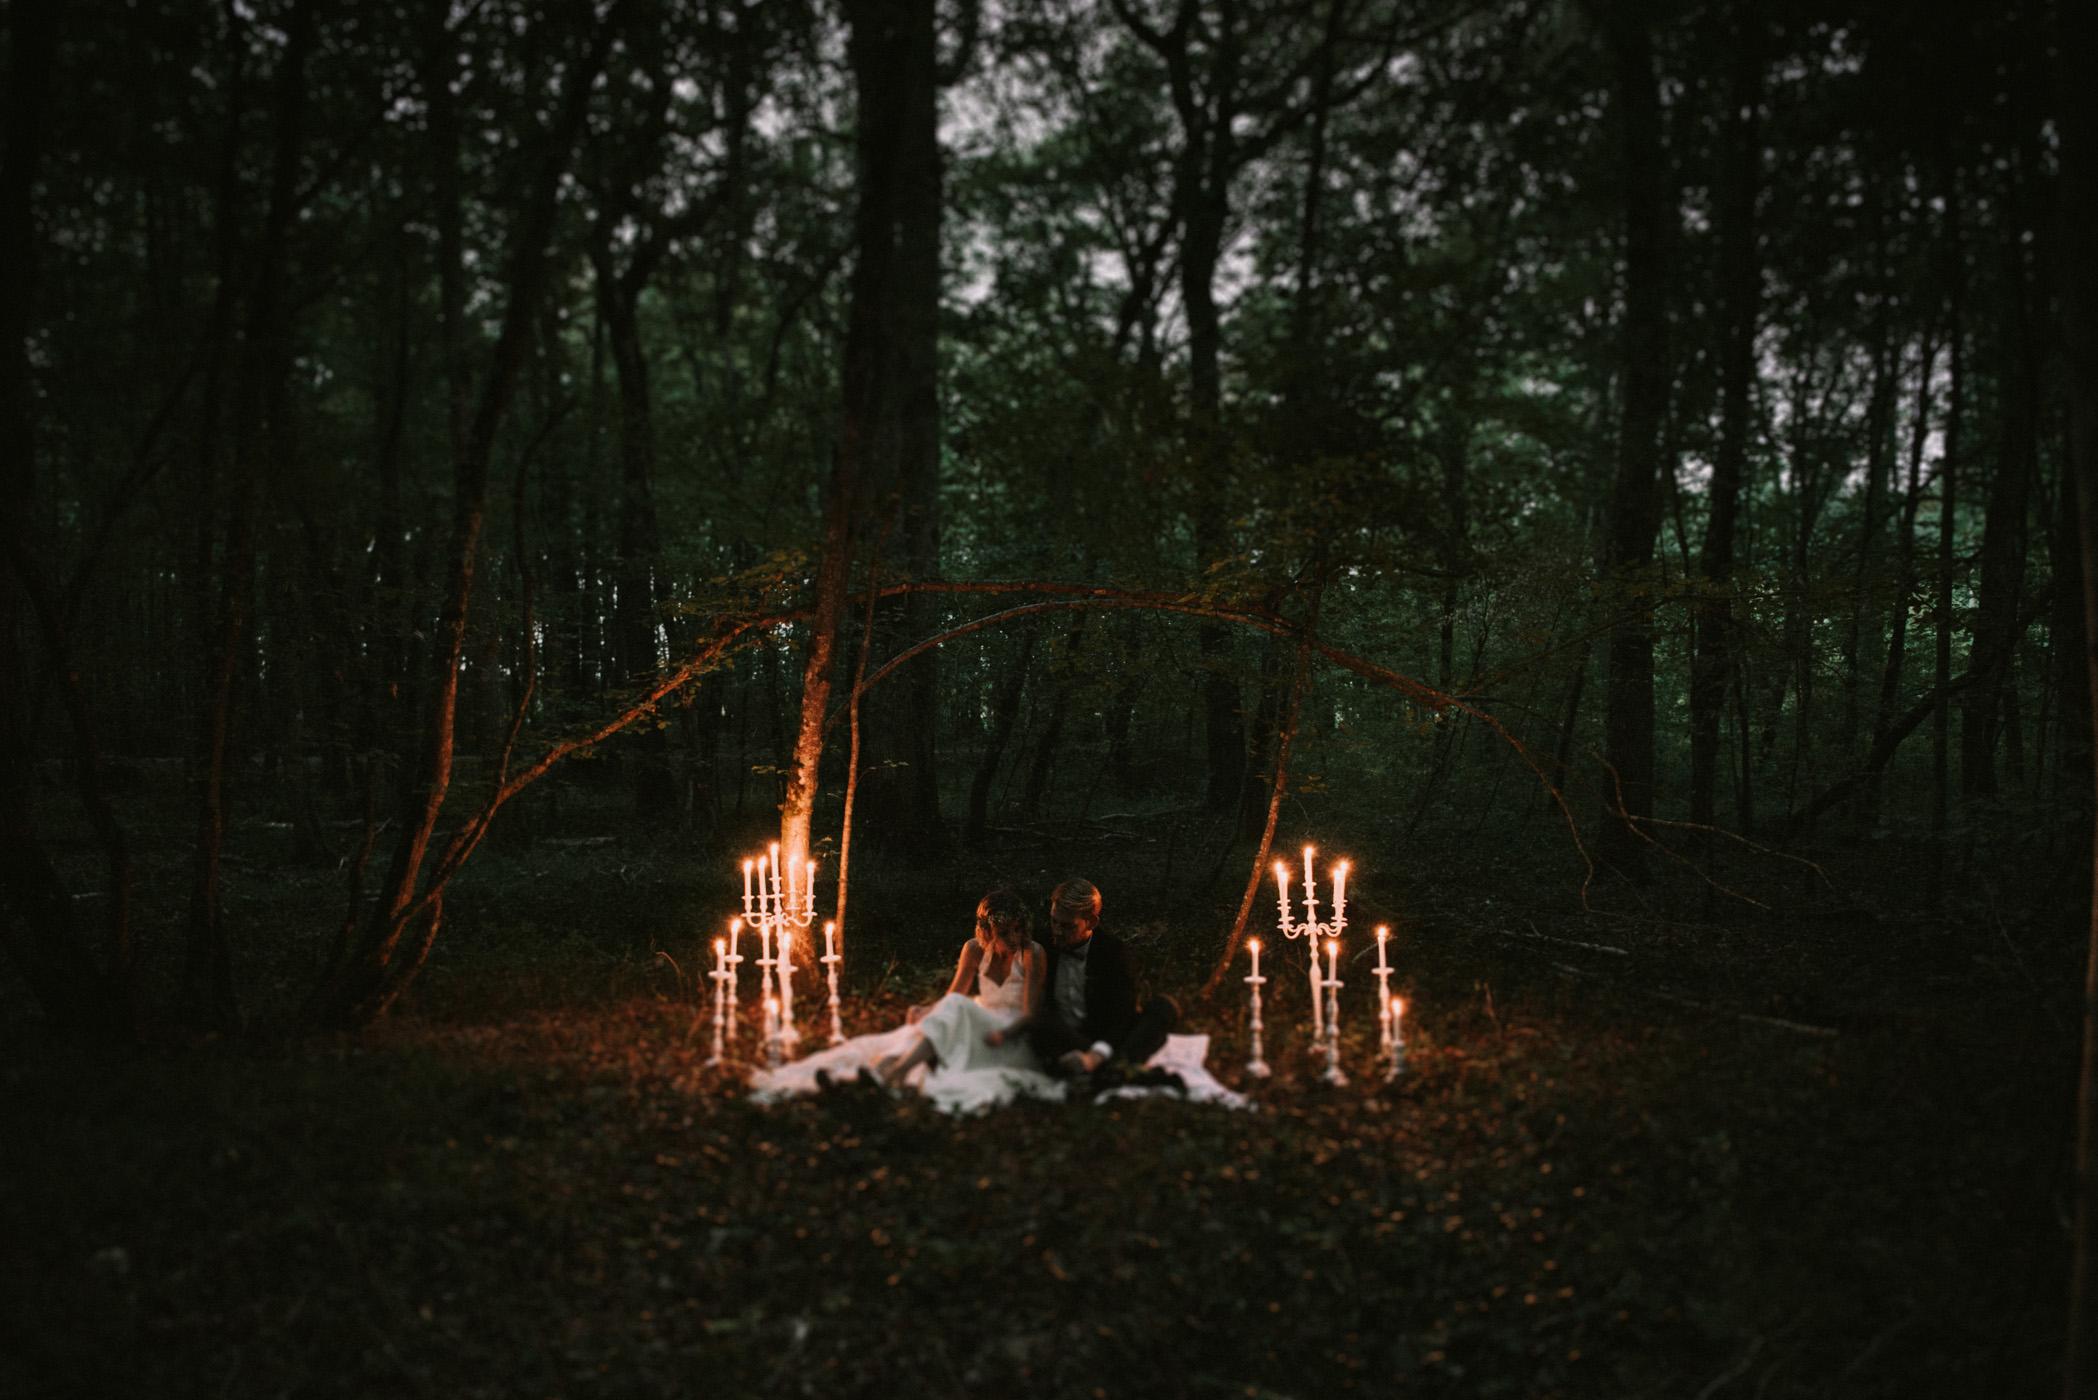 sun-drops-down-shooting-dinspiration-automnal-sous-les-bois-en-dordogne-blog-mariage-la-mariee-sous-les-etoiles-photo-mira-al-pajarito-40